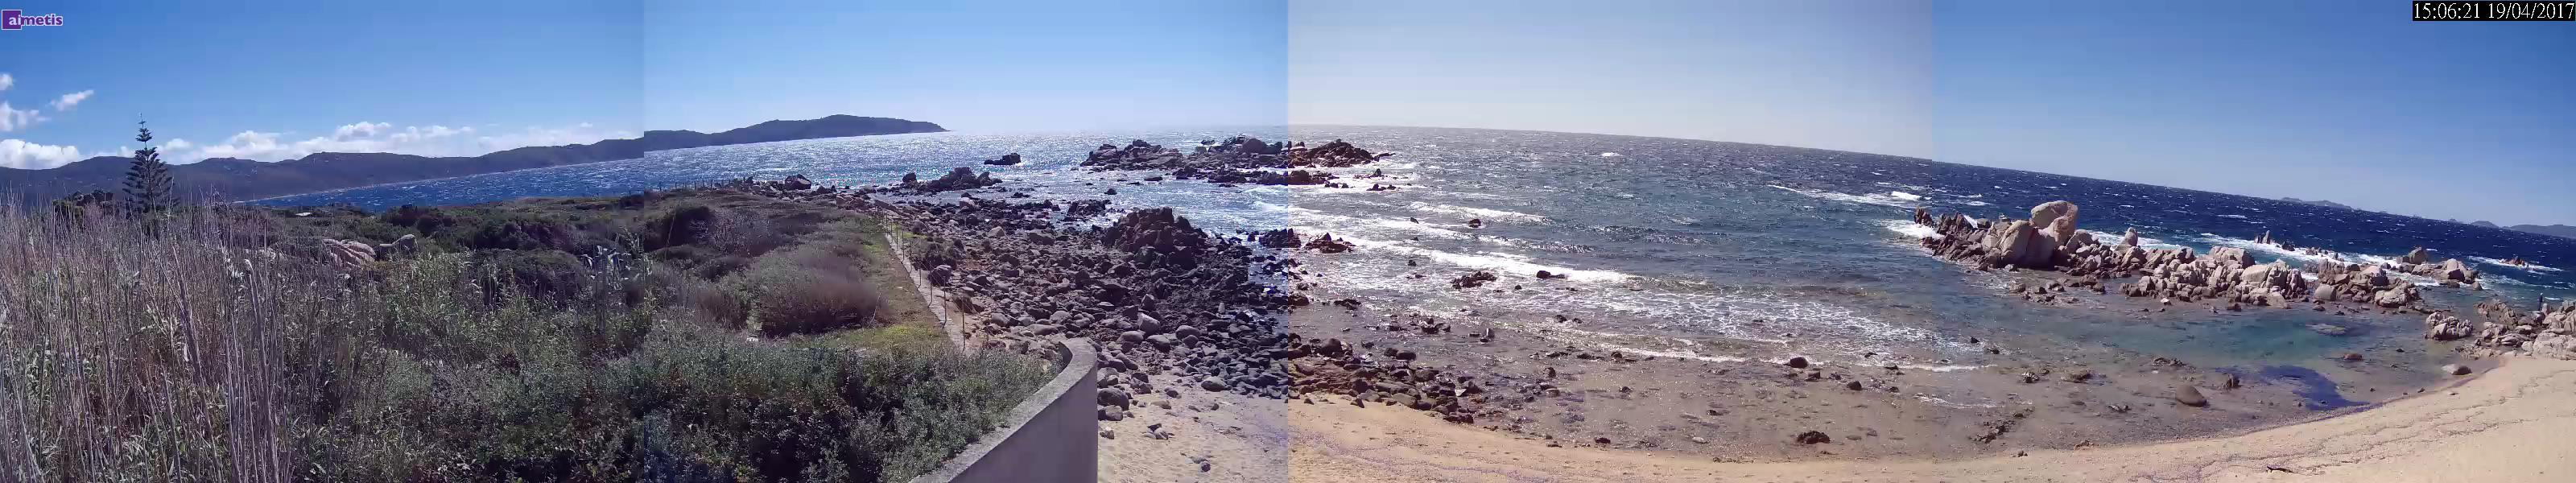 Camera2 - zebracar01.dyndns.org - 2017 04 19 - 15 06 20